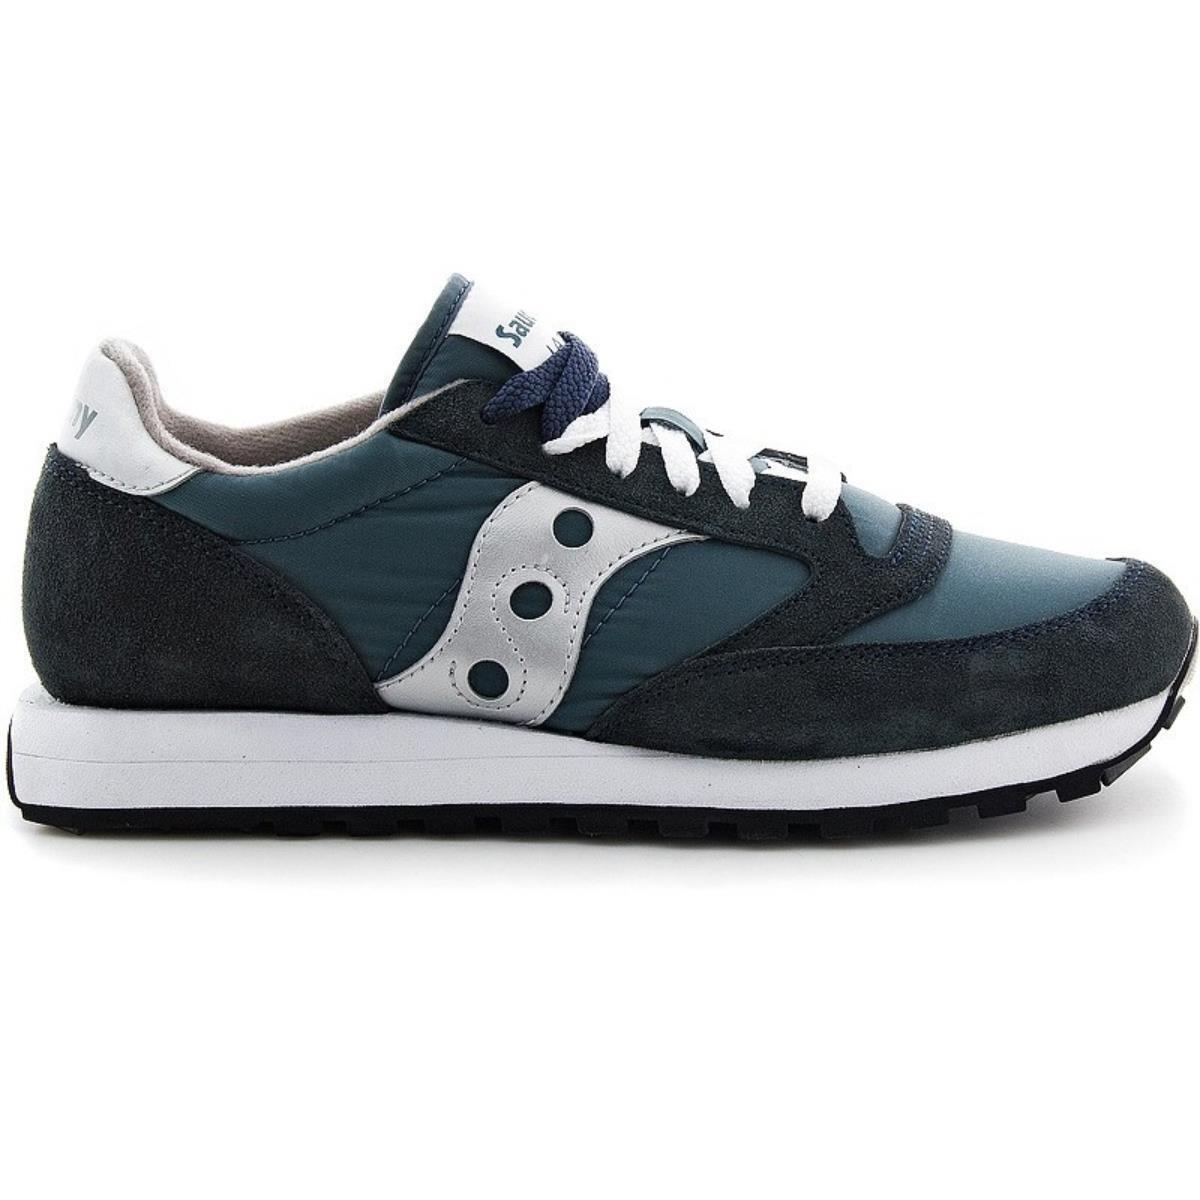 zapatos SAUCONY JAZZ ORIGINAL 2044-2 - zapatos - MODA - TEMPO LIBERO - RUNNING